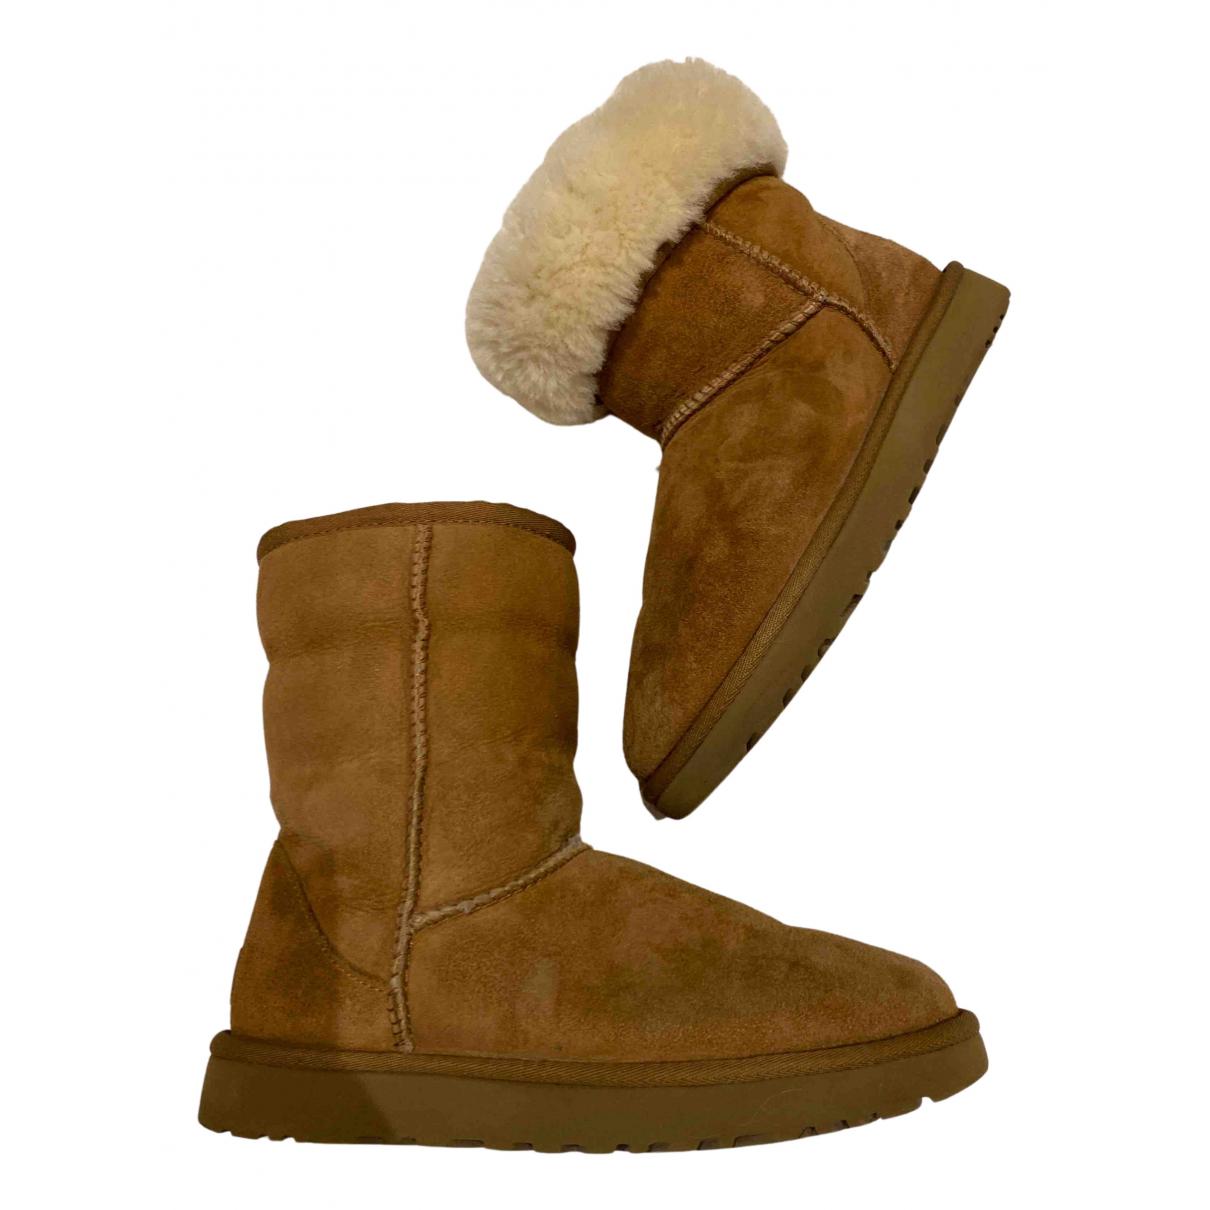 Ugg - Boots   pour femme en fourrure - marron